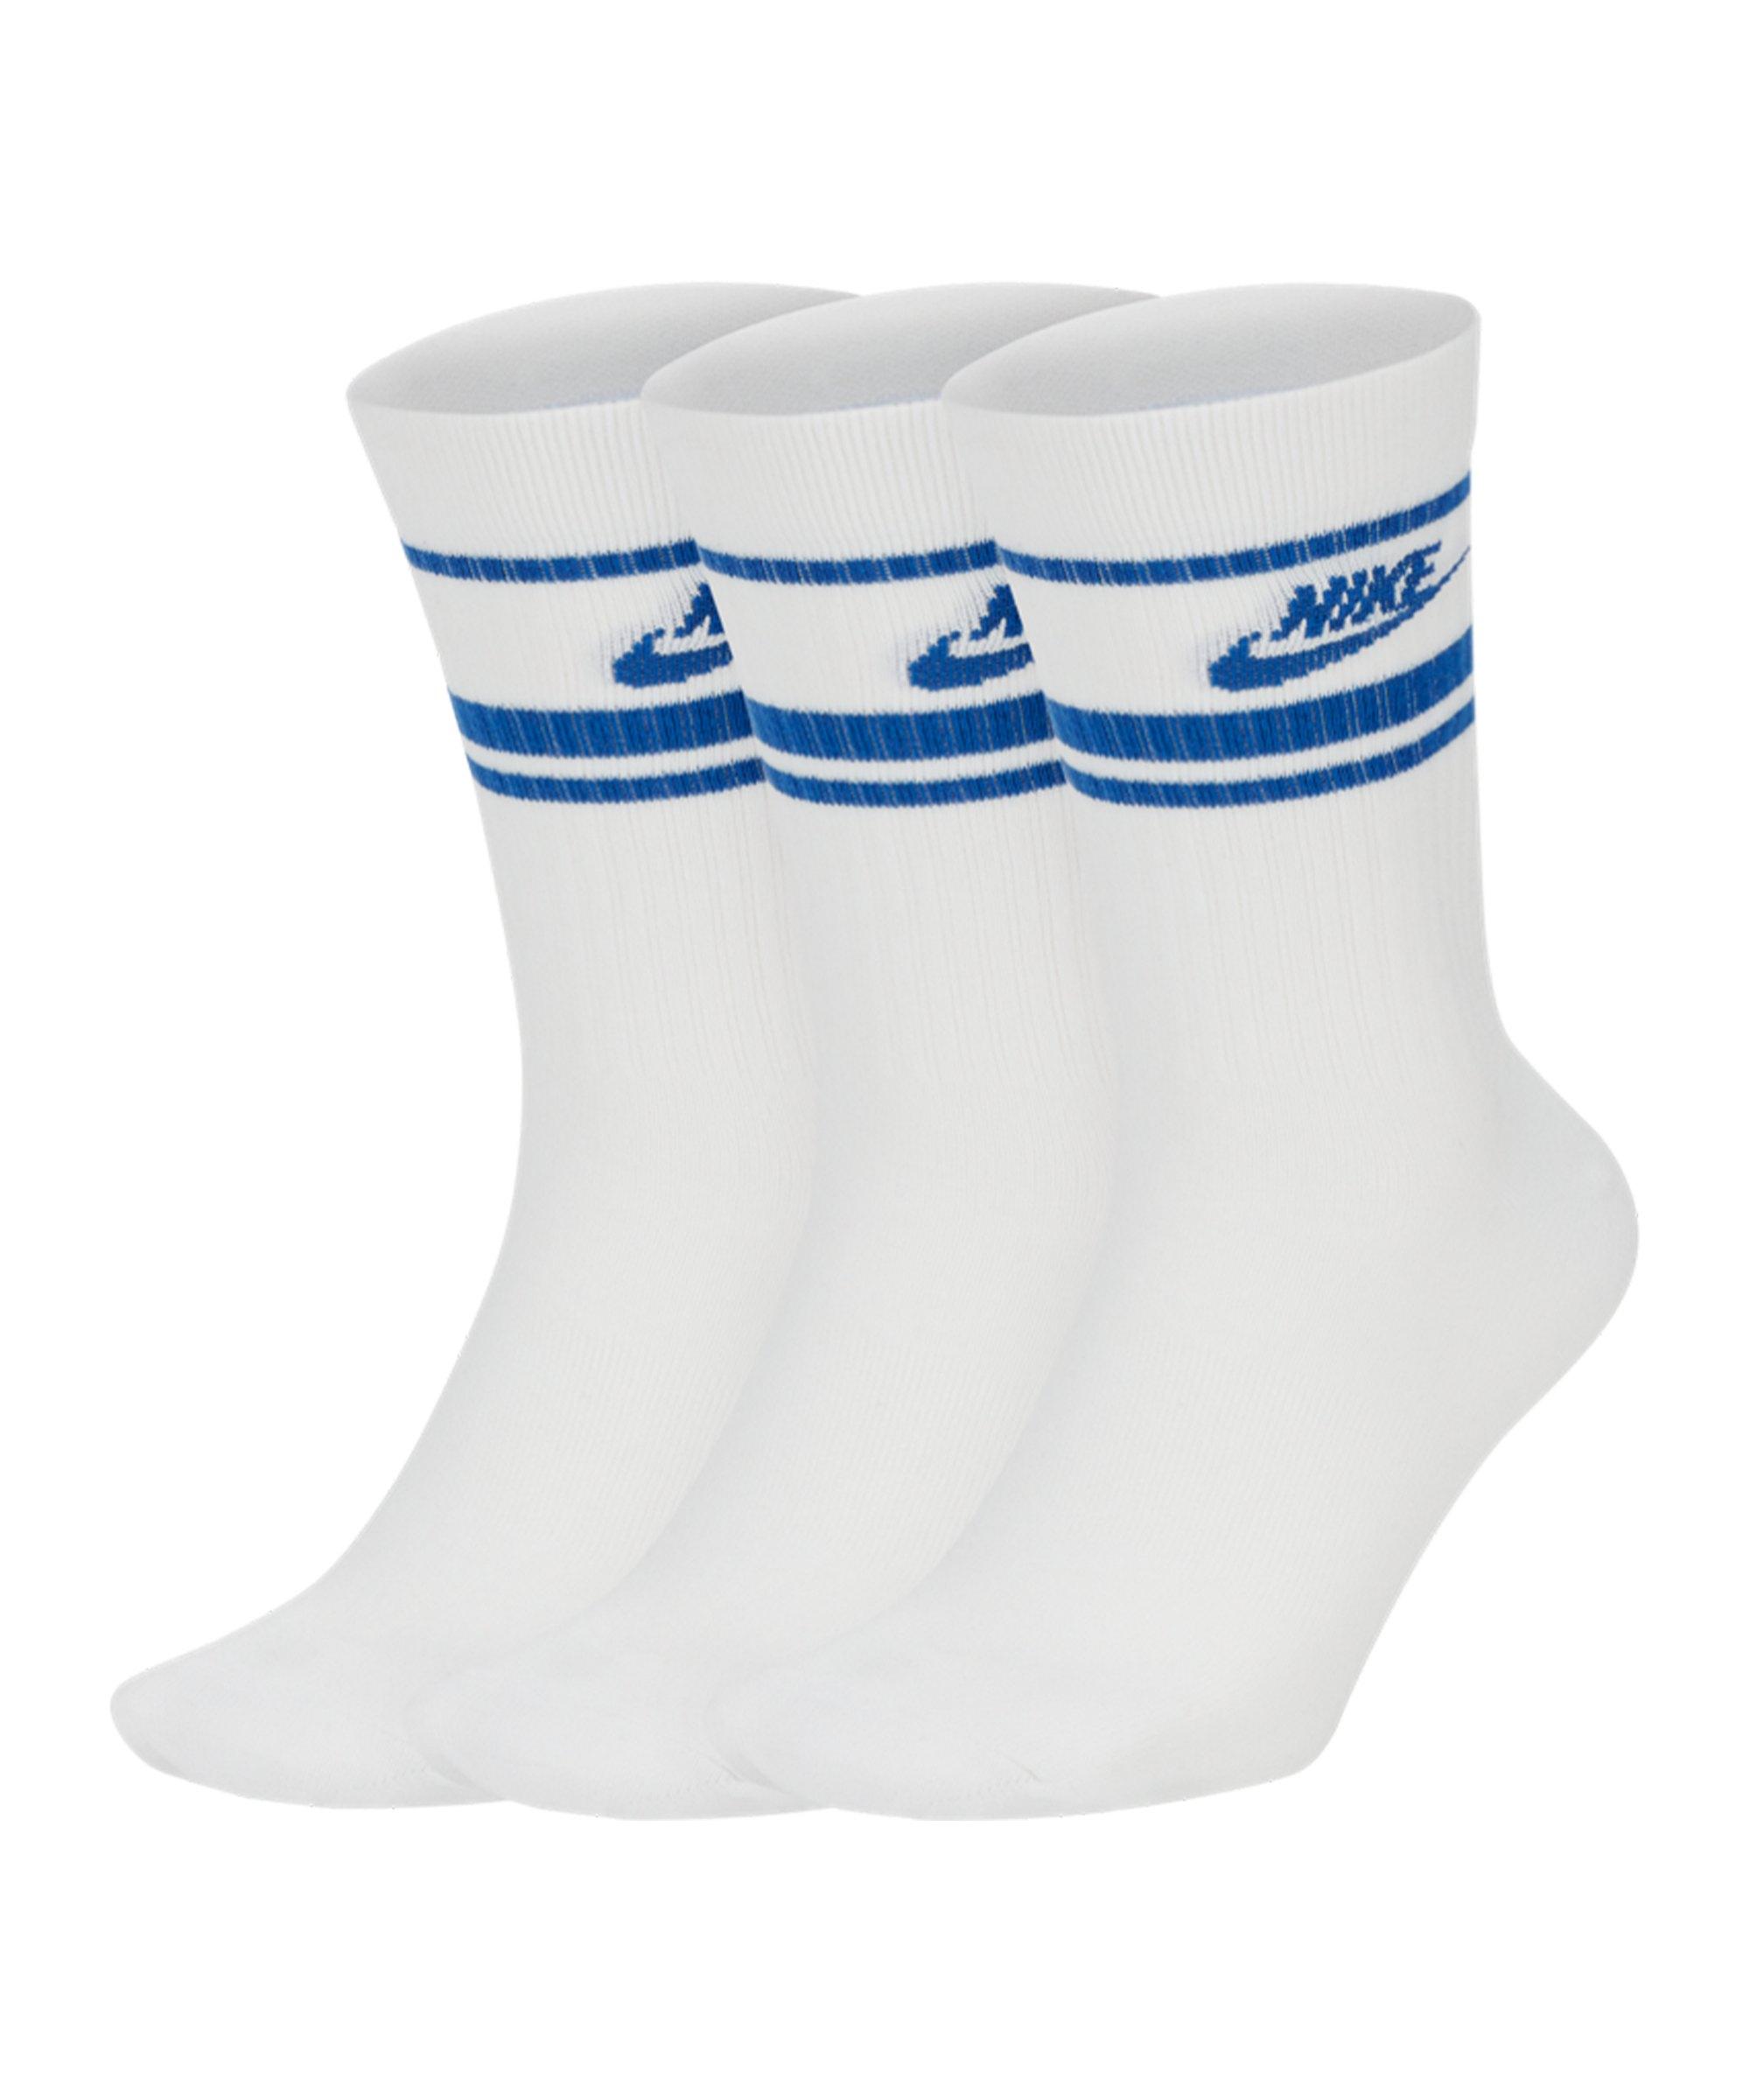 Nike Essential Socks Socken Weiss F105 - weiss